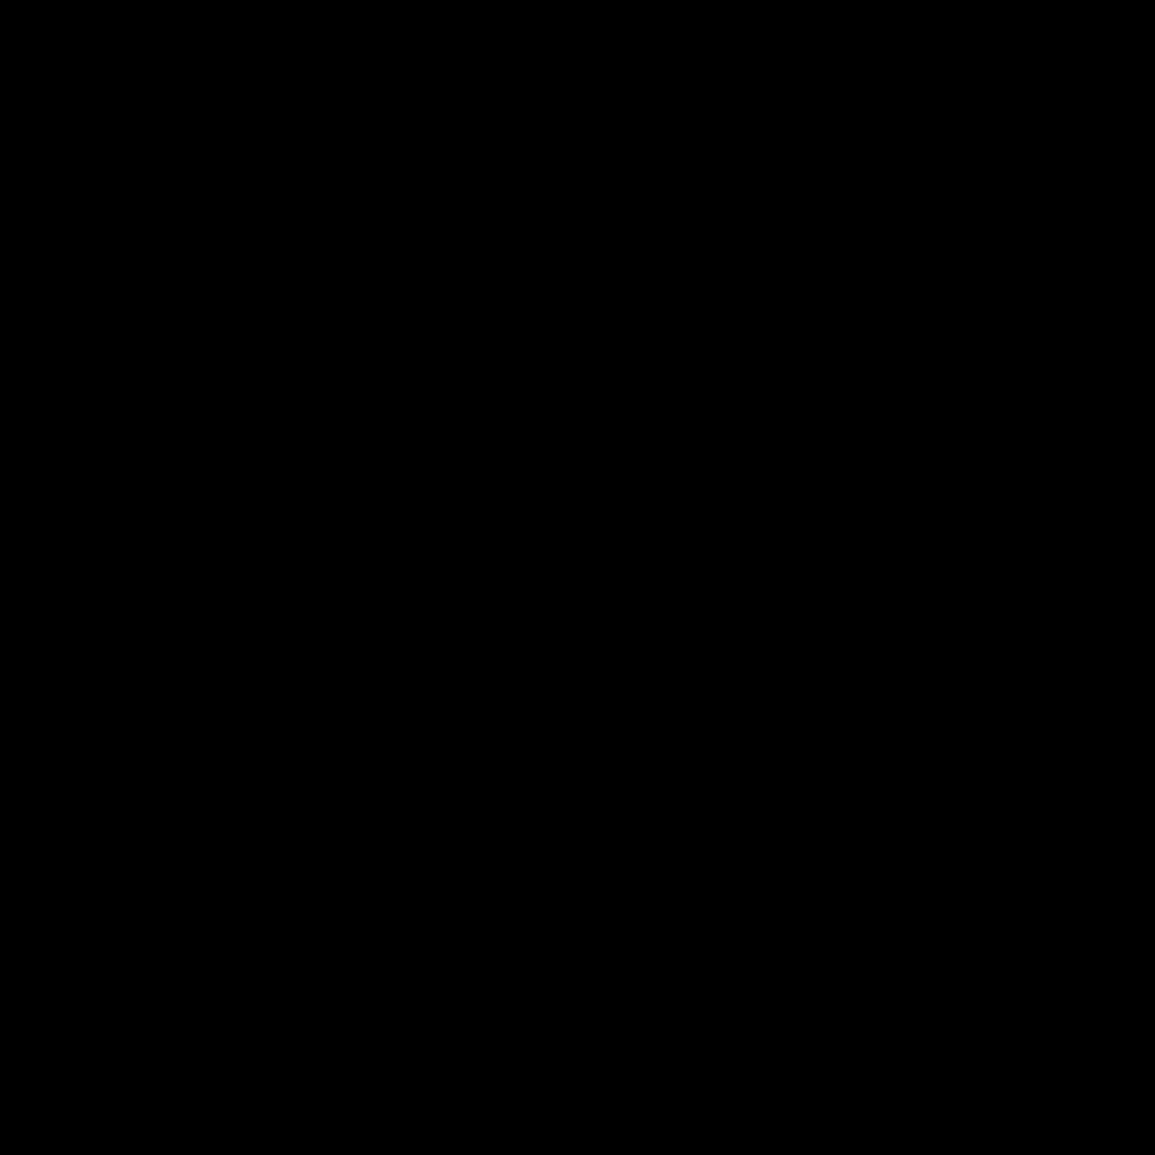 ゴーシャ O OSG 字形見本